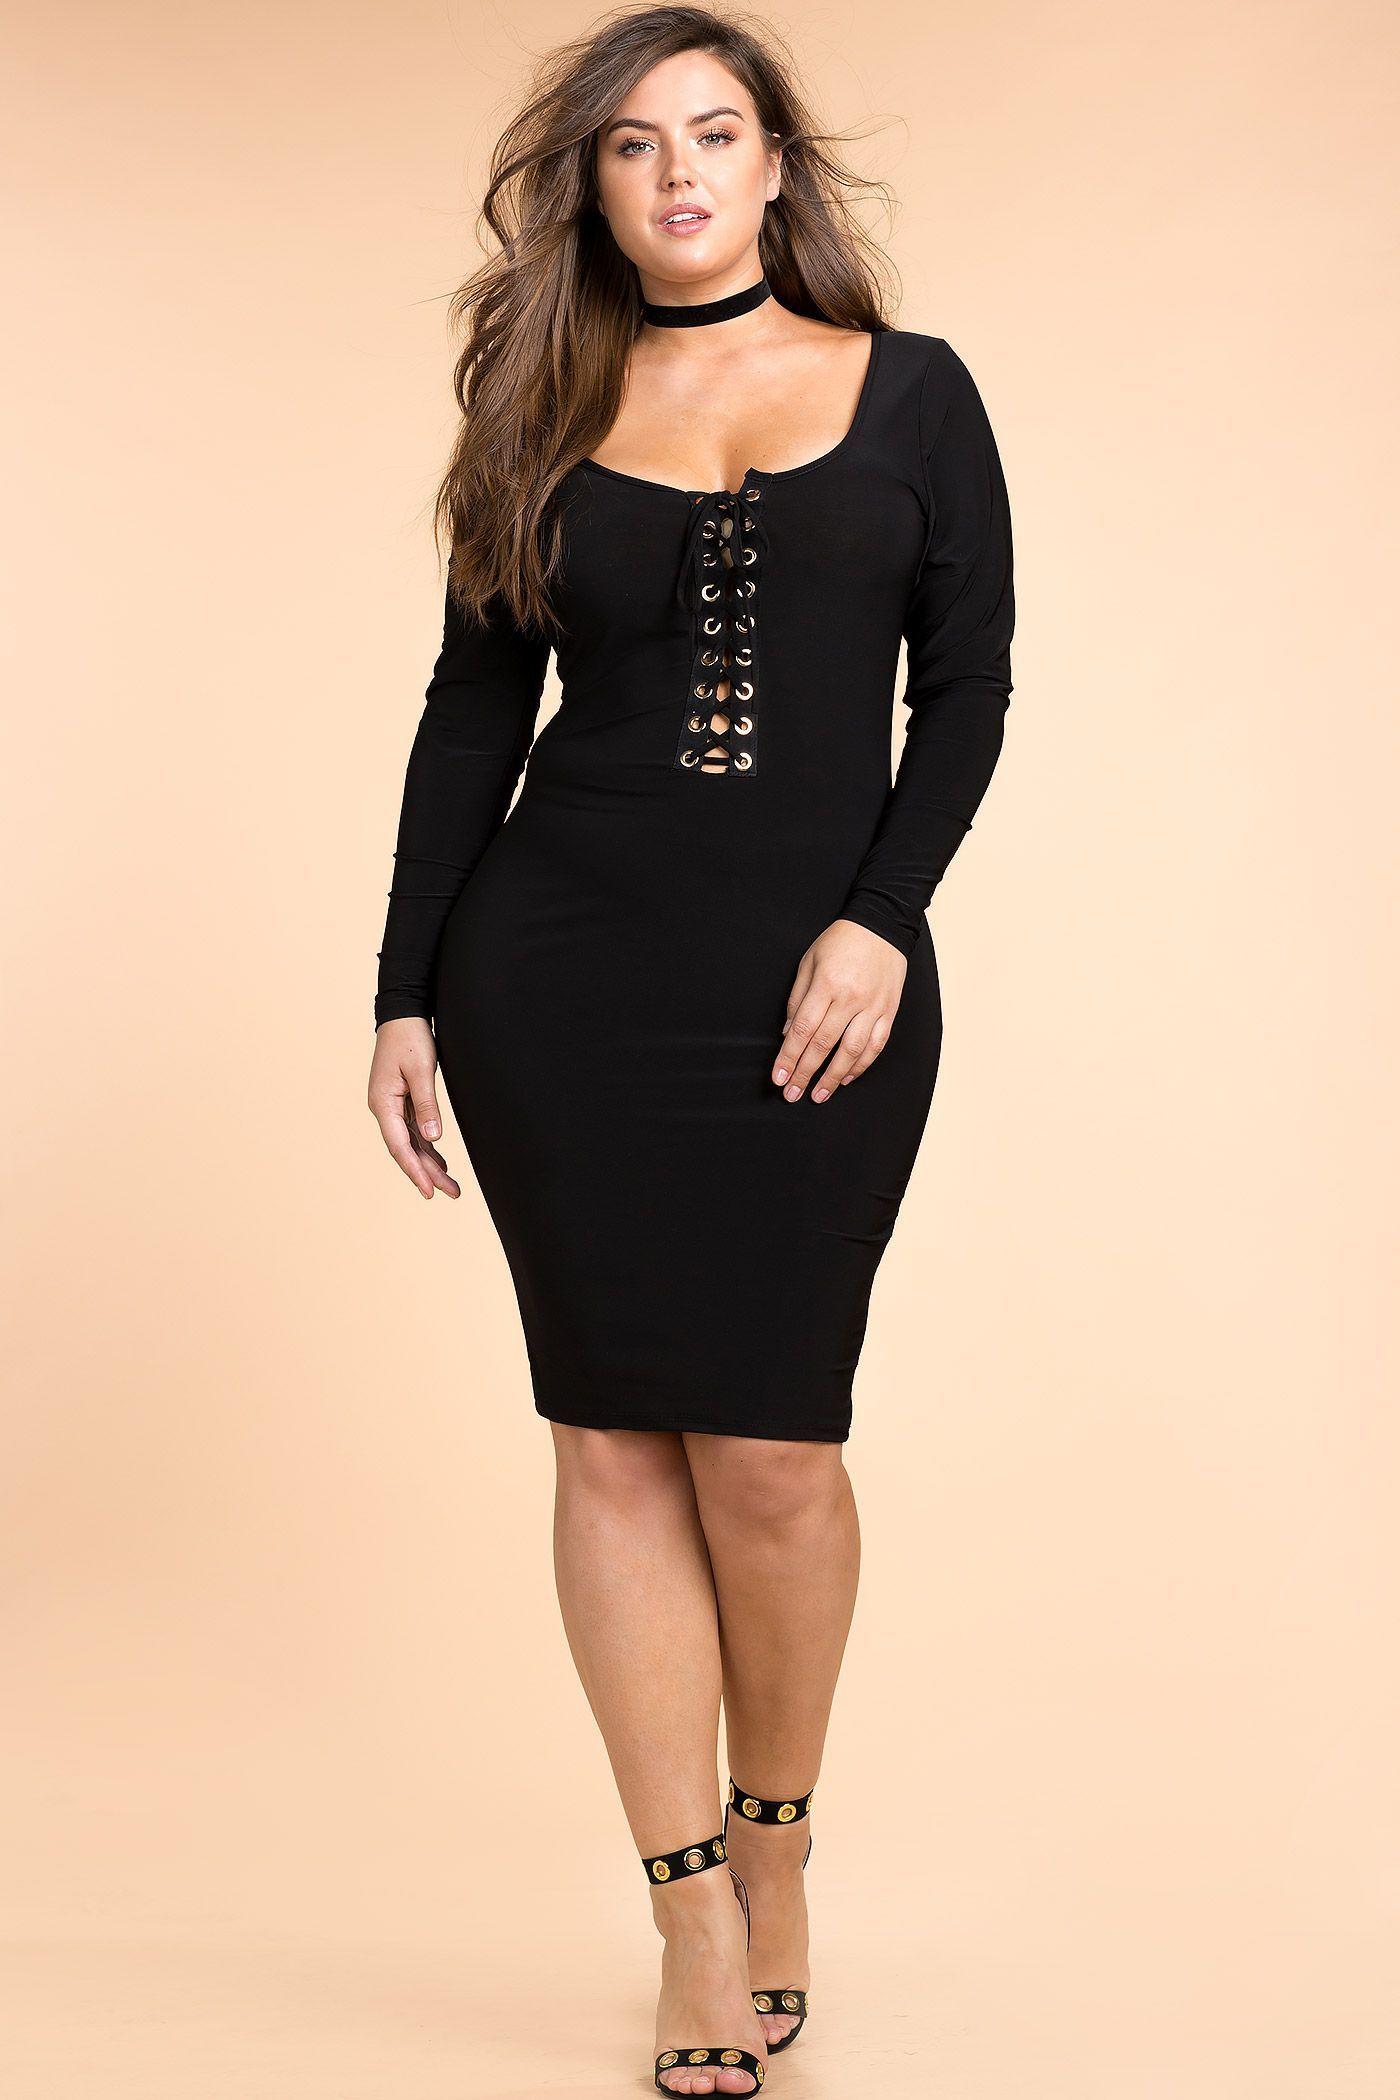 women's plus size bodycon dresses  plunge lace up bodycon